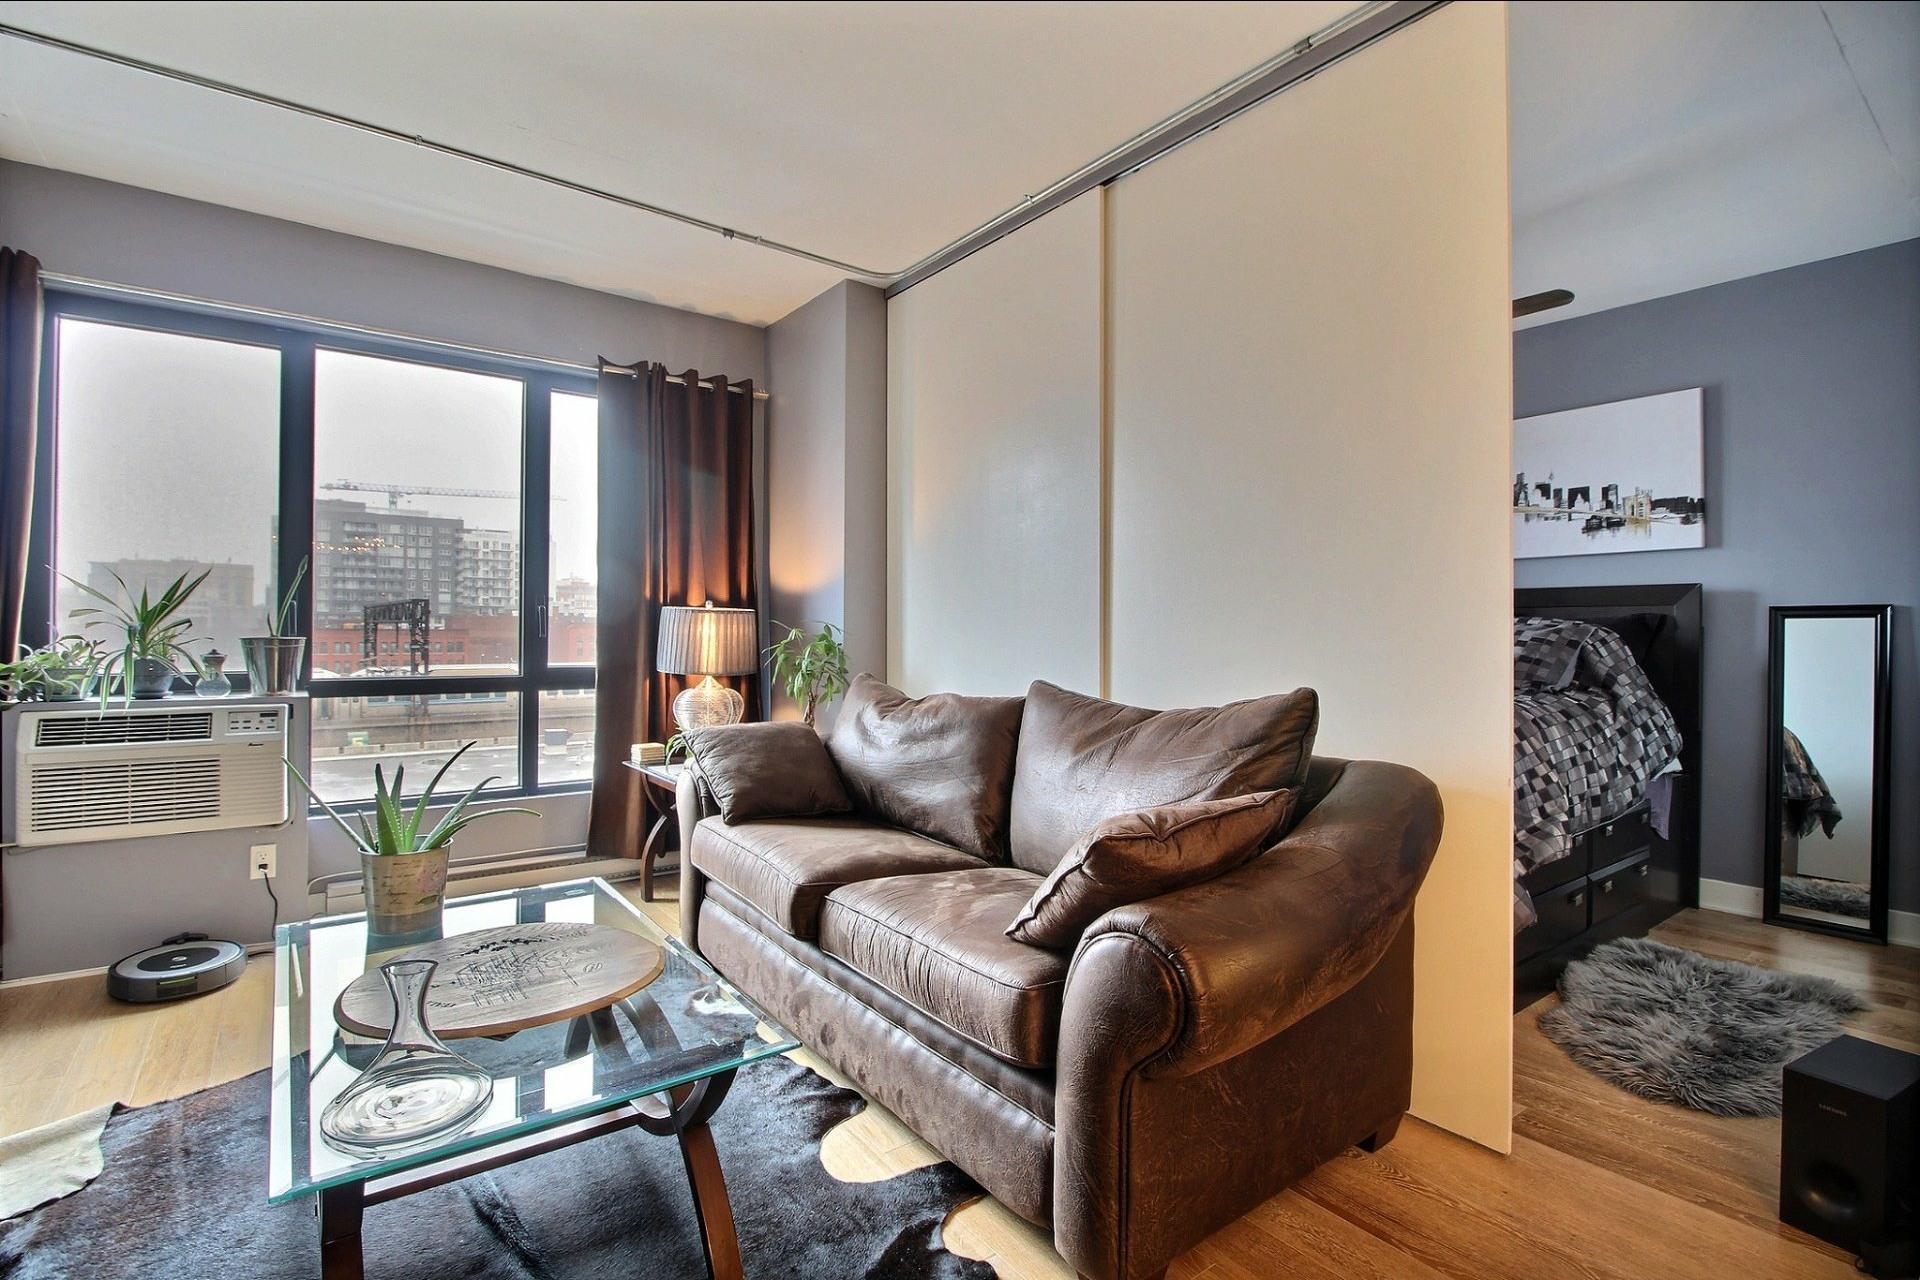 image 9 - Appartement À louer Montréal Le Sud-Ouest  - 3 pièces